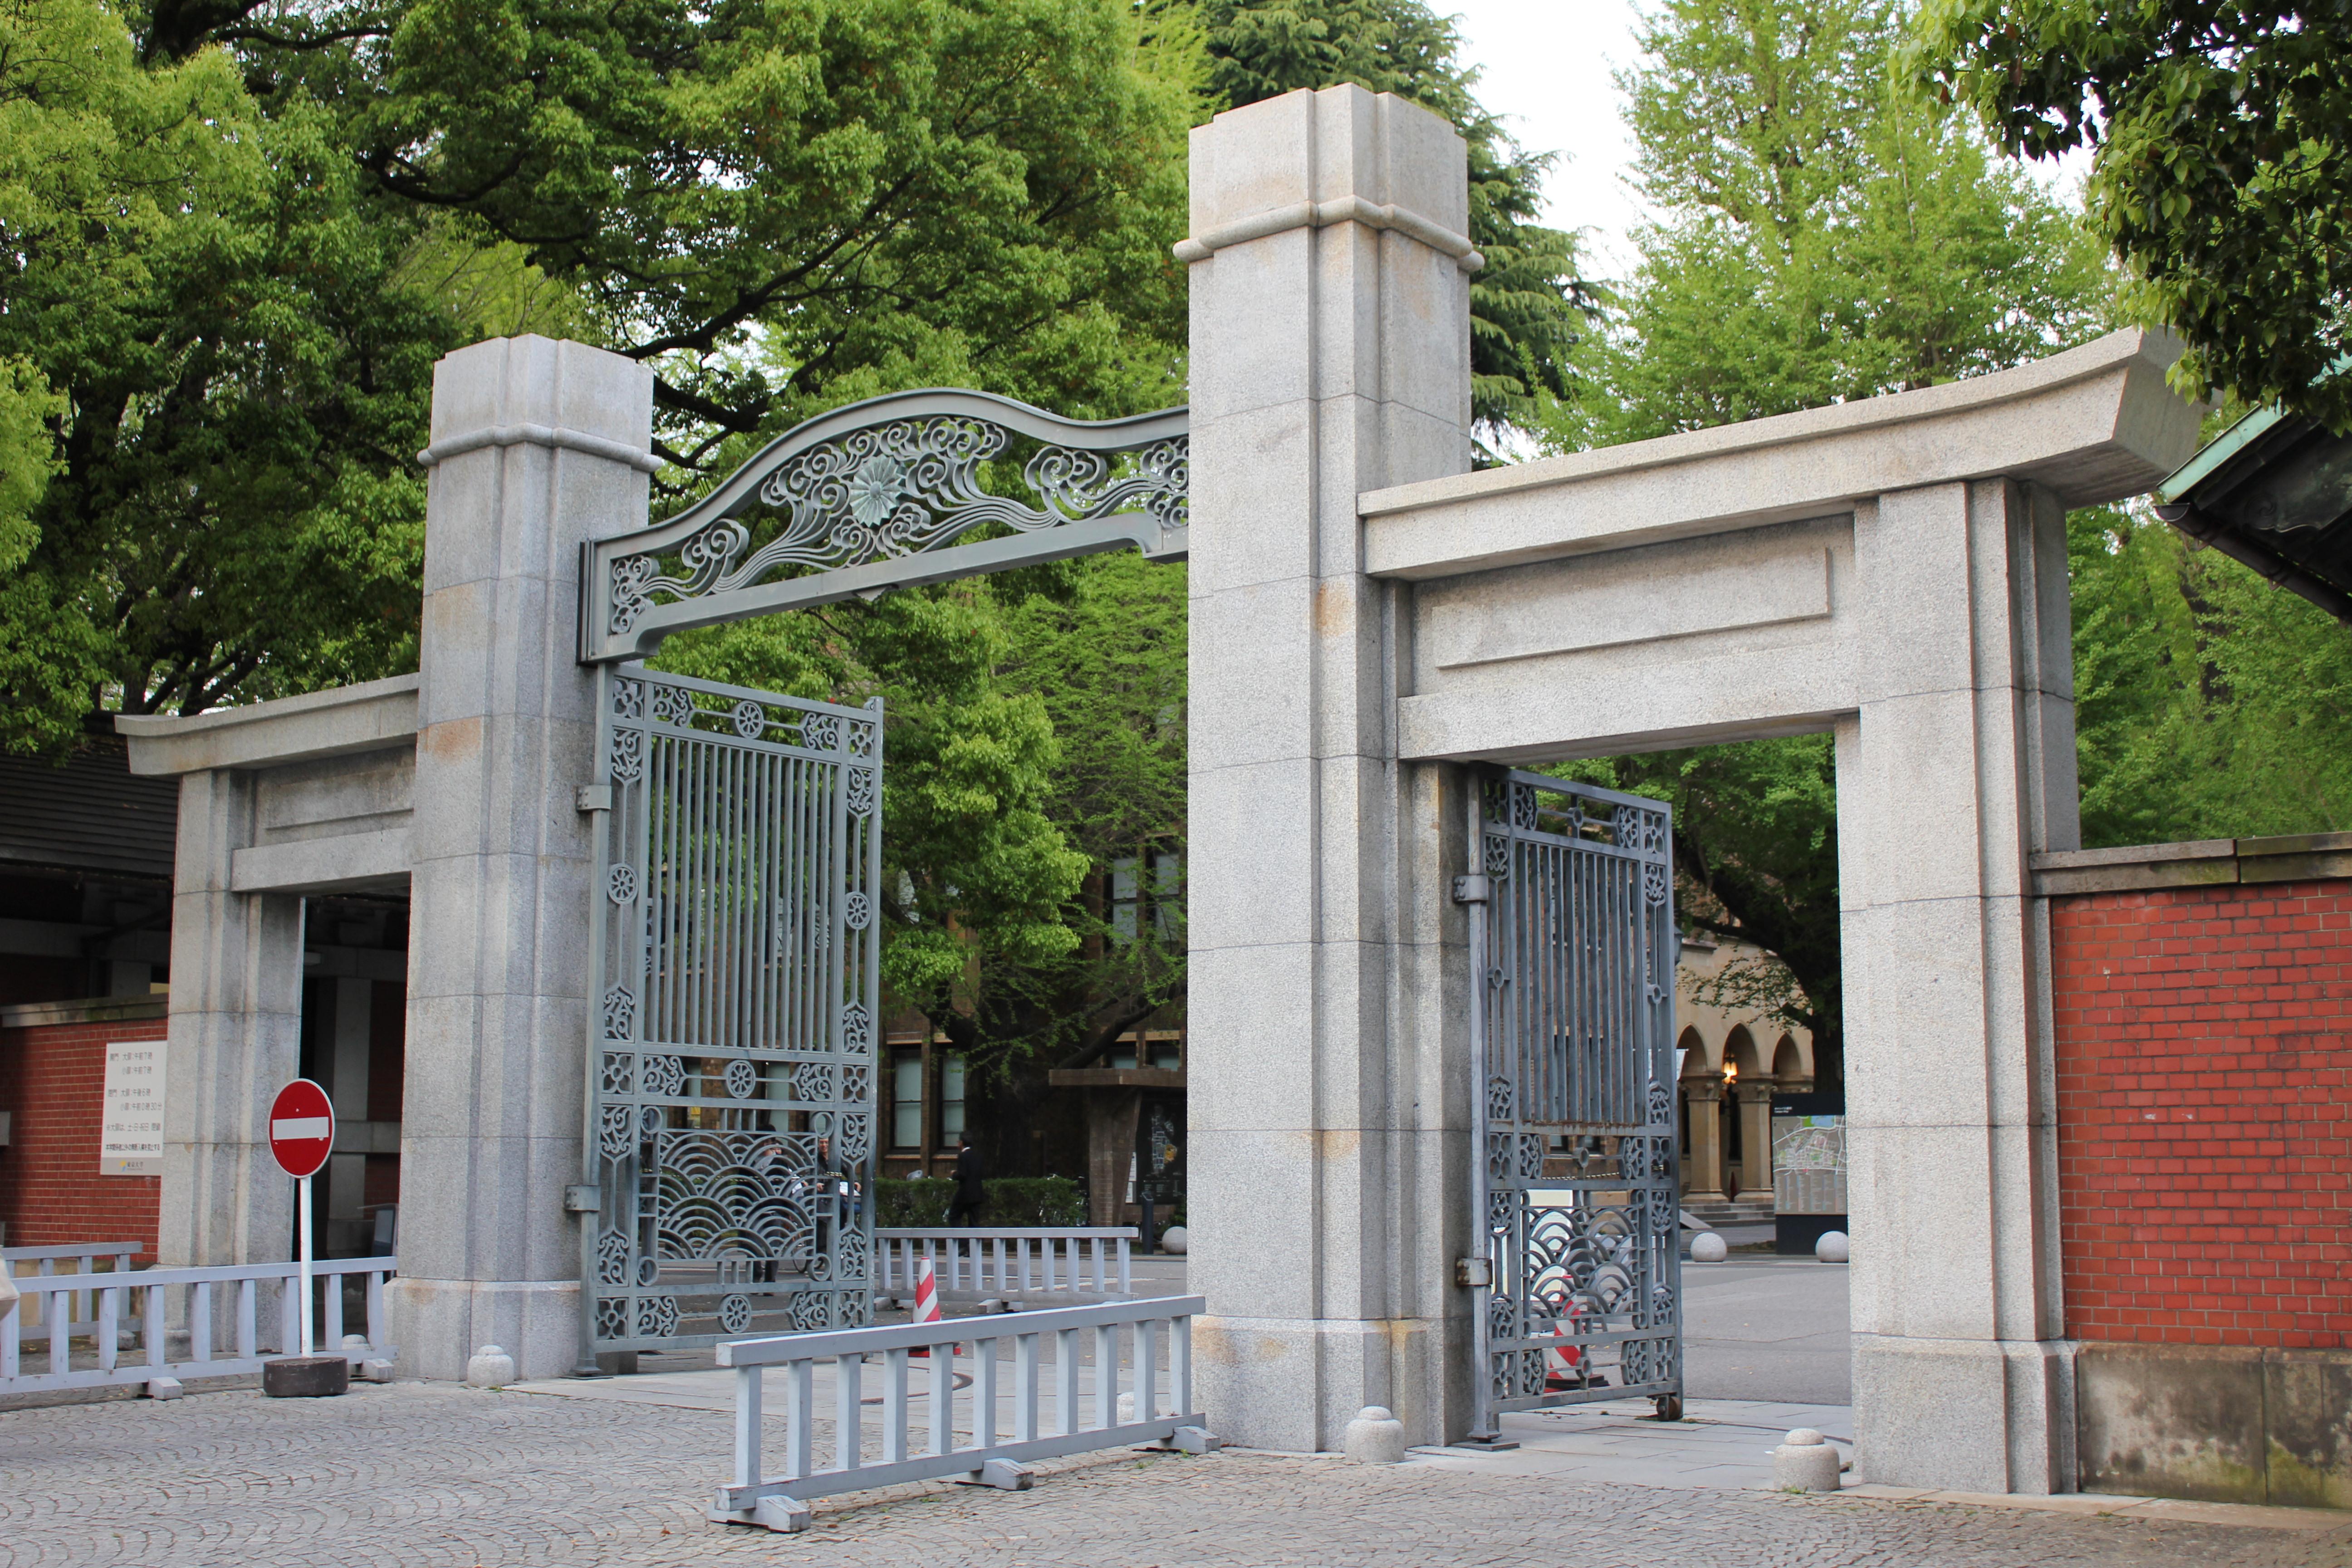 ... :University of Tokyo - Hongo campus main gate.JPG - Wikimedia Commons